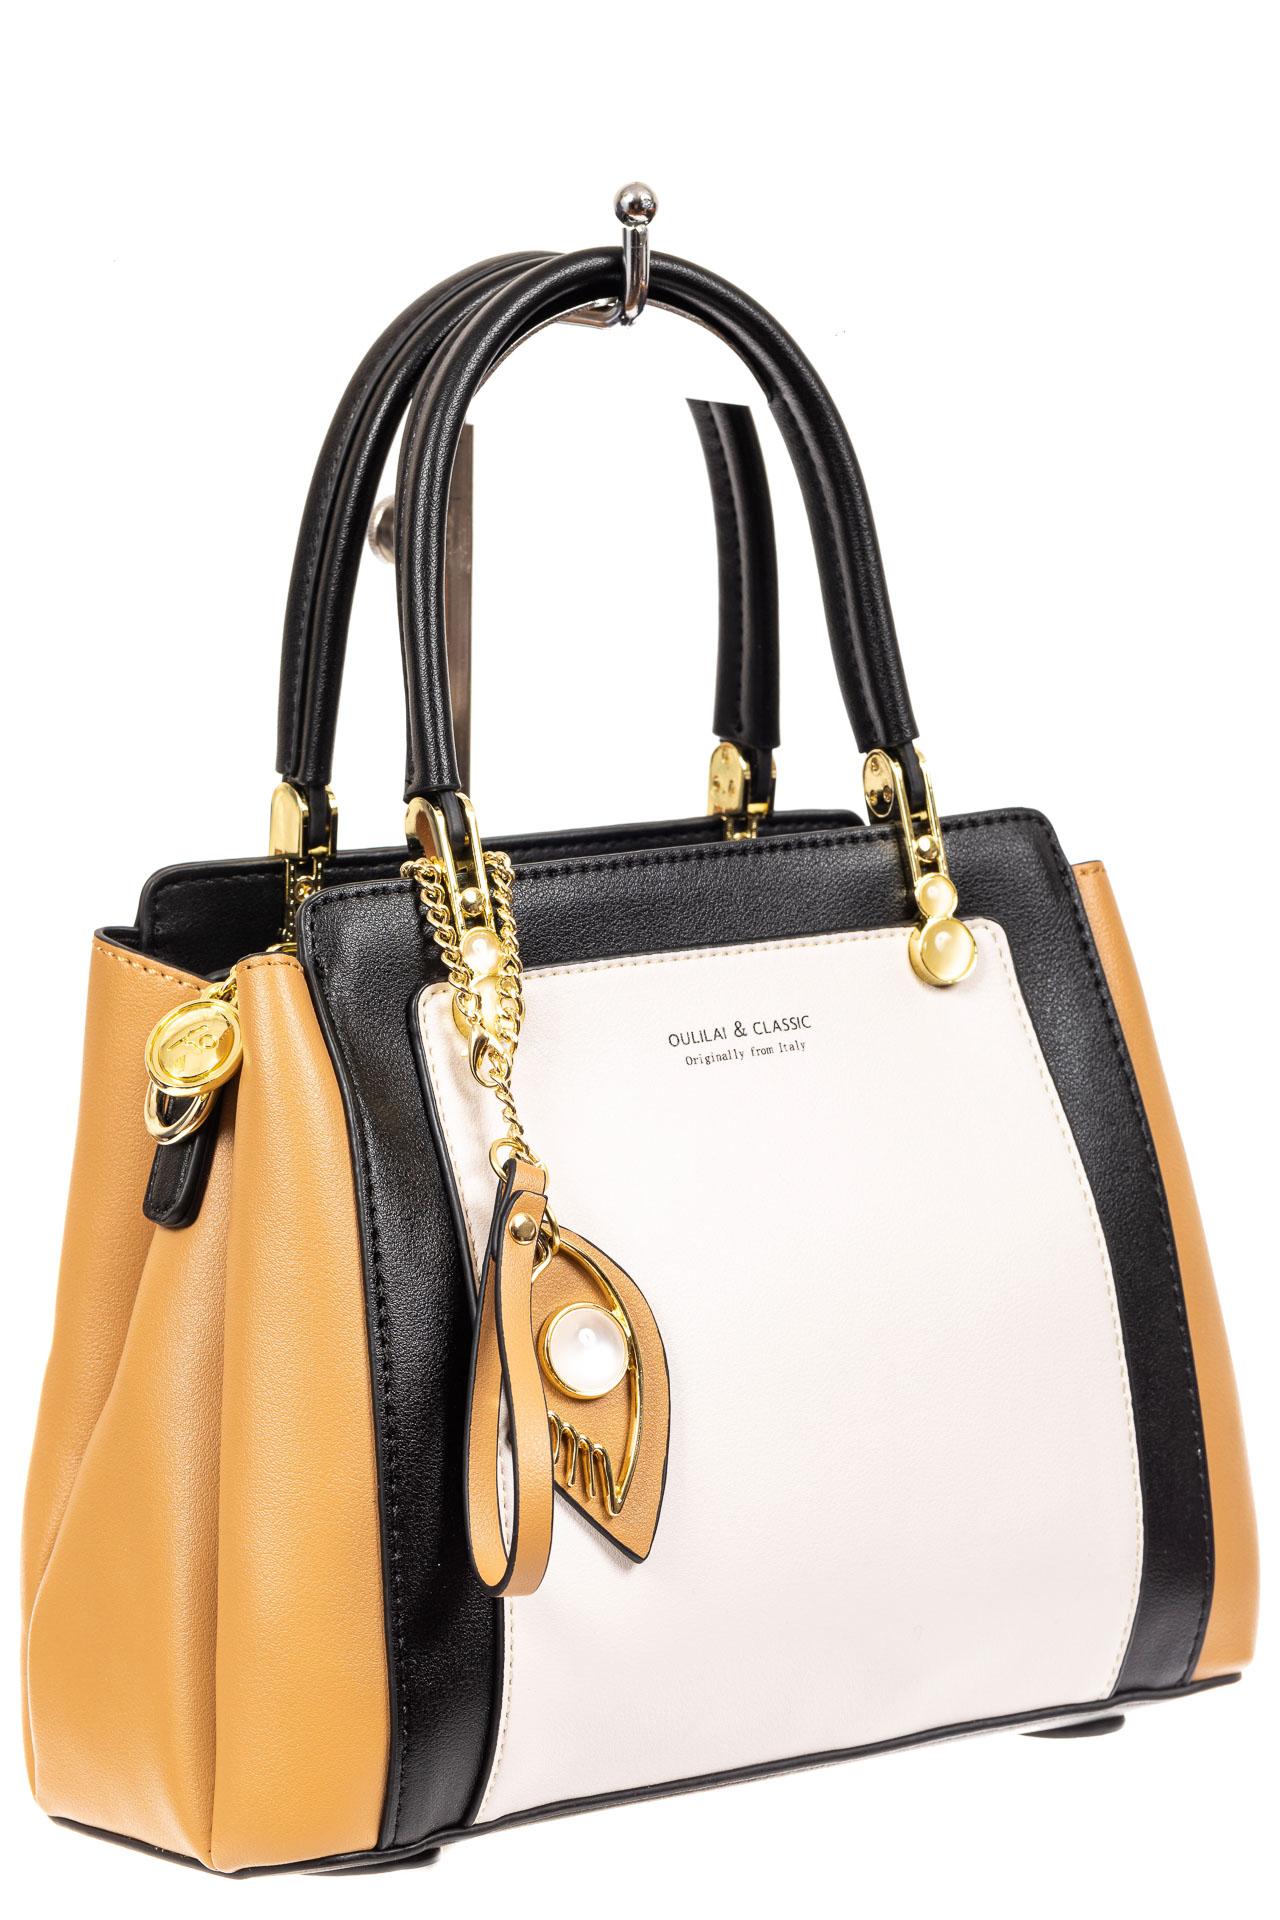 Классическая сумка-трапеция из кожзама, цвет бежевый2325PJ0420/10